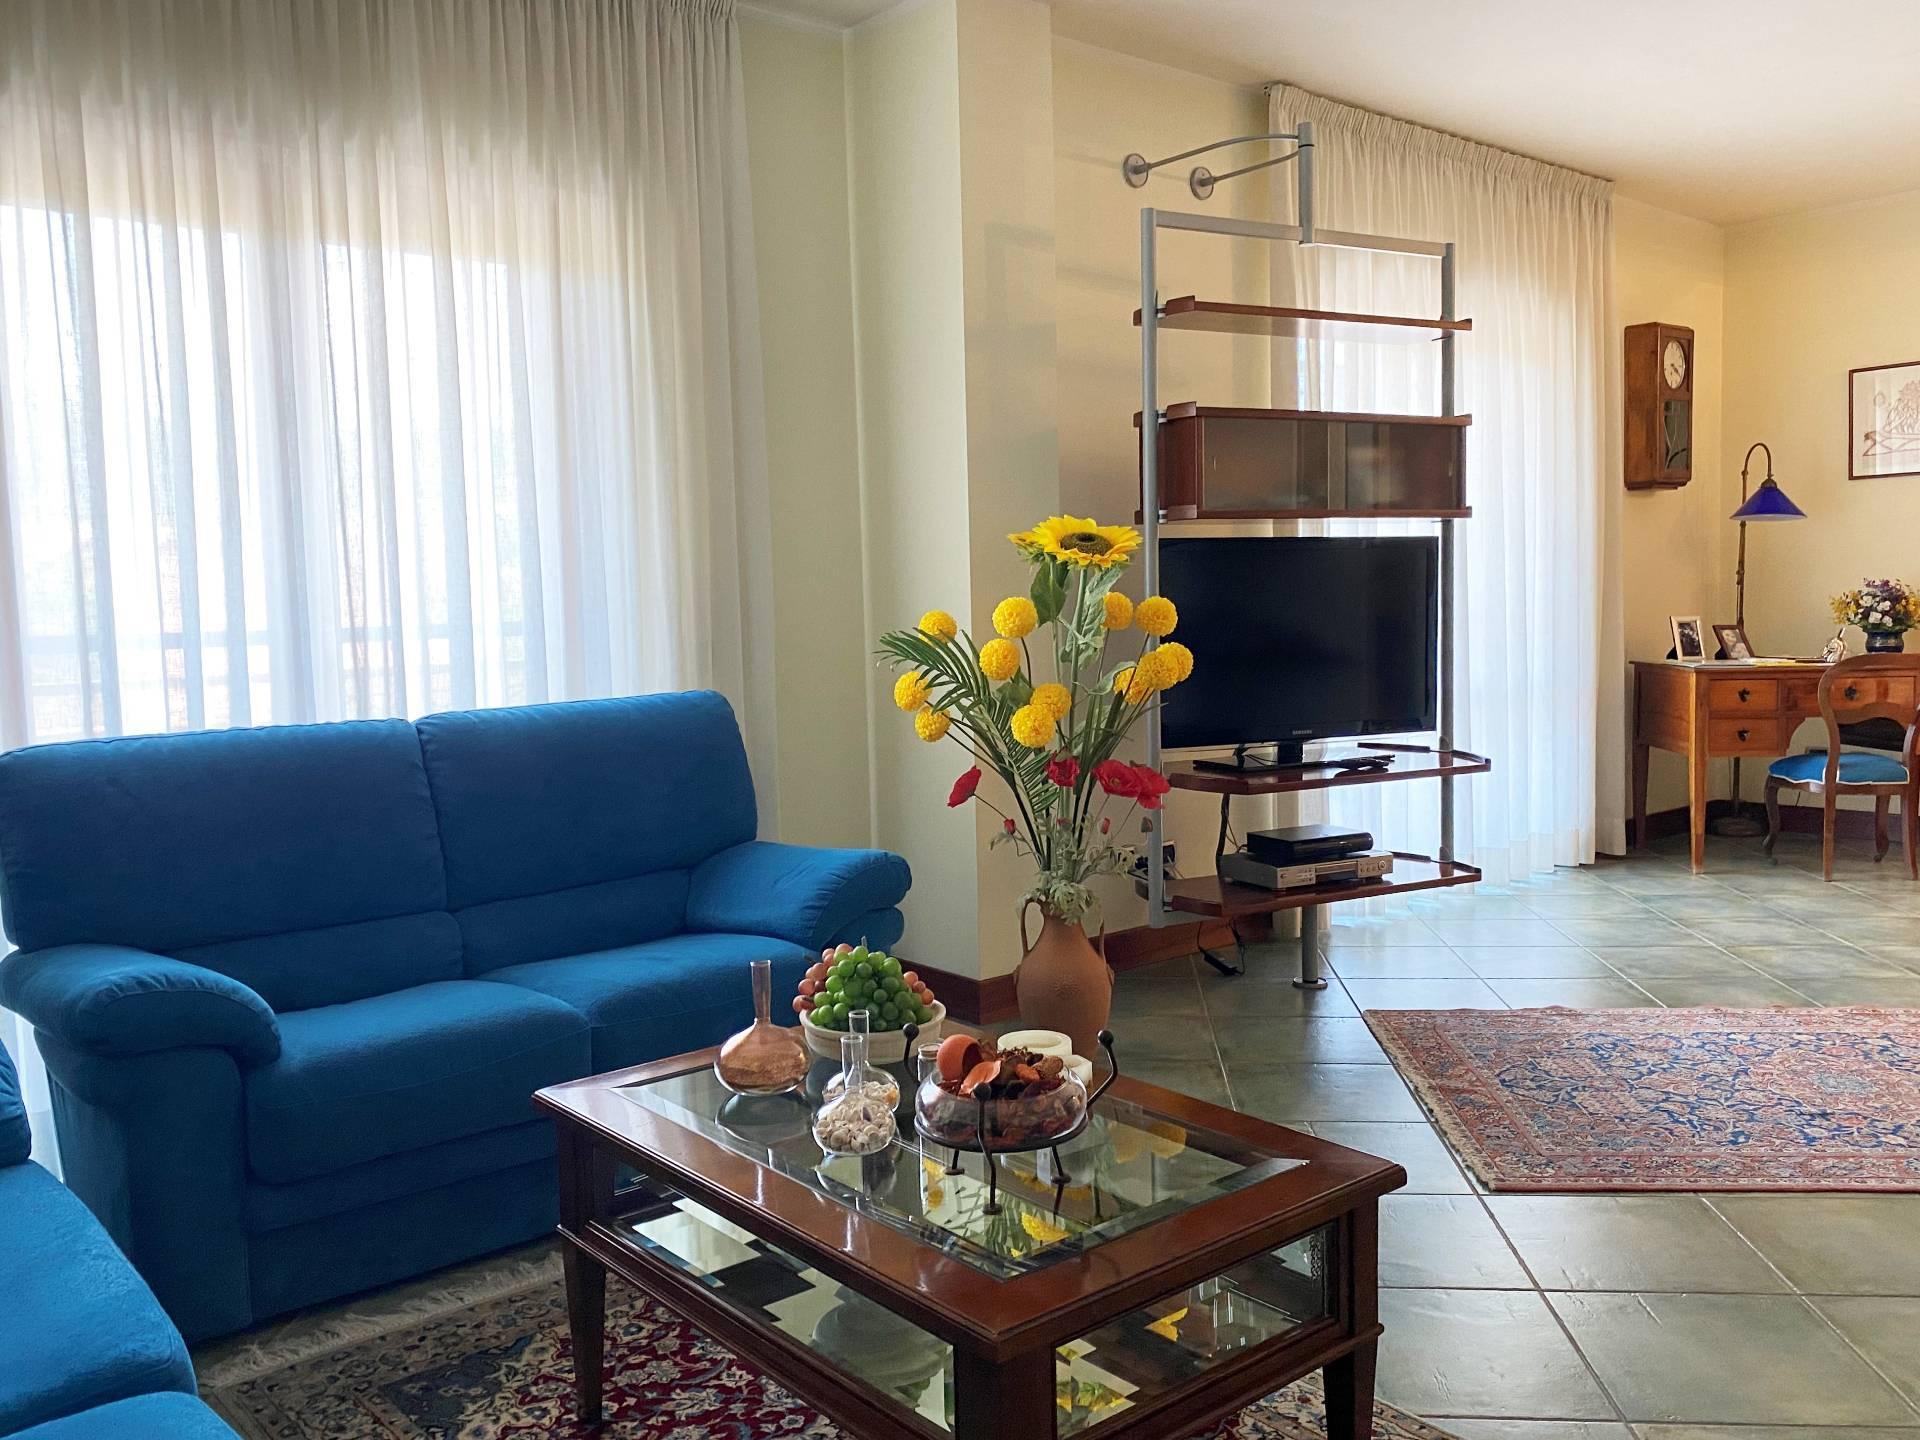 Appartamento in vendita a Squillace, 5 locali, zona Località: Lido, prezzo € 270.000   PortaleAgenzieImmobiliari.it